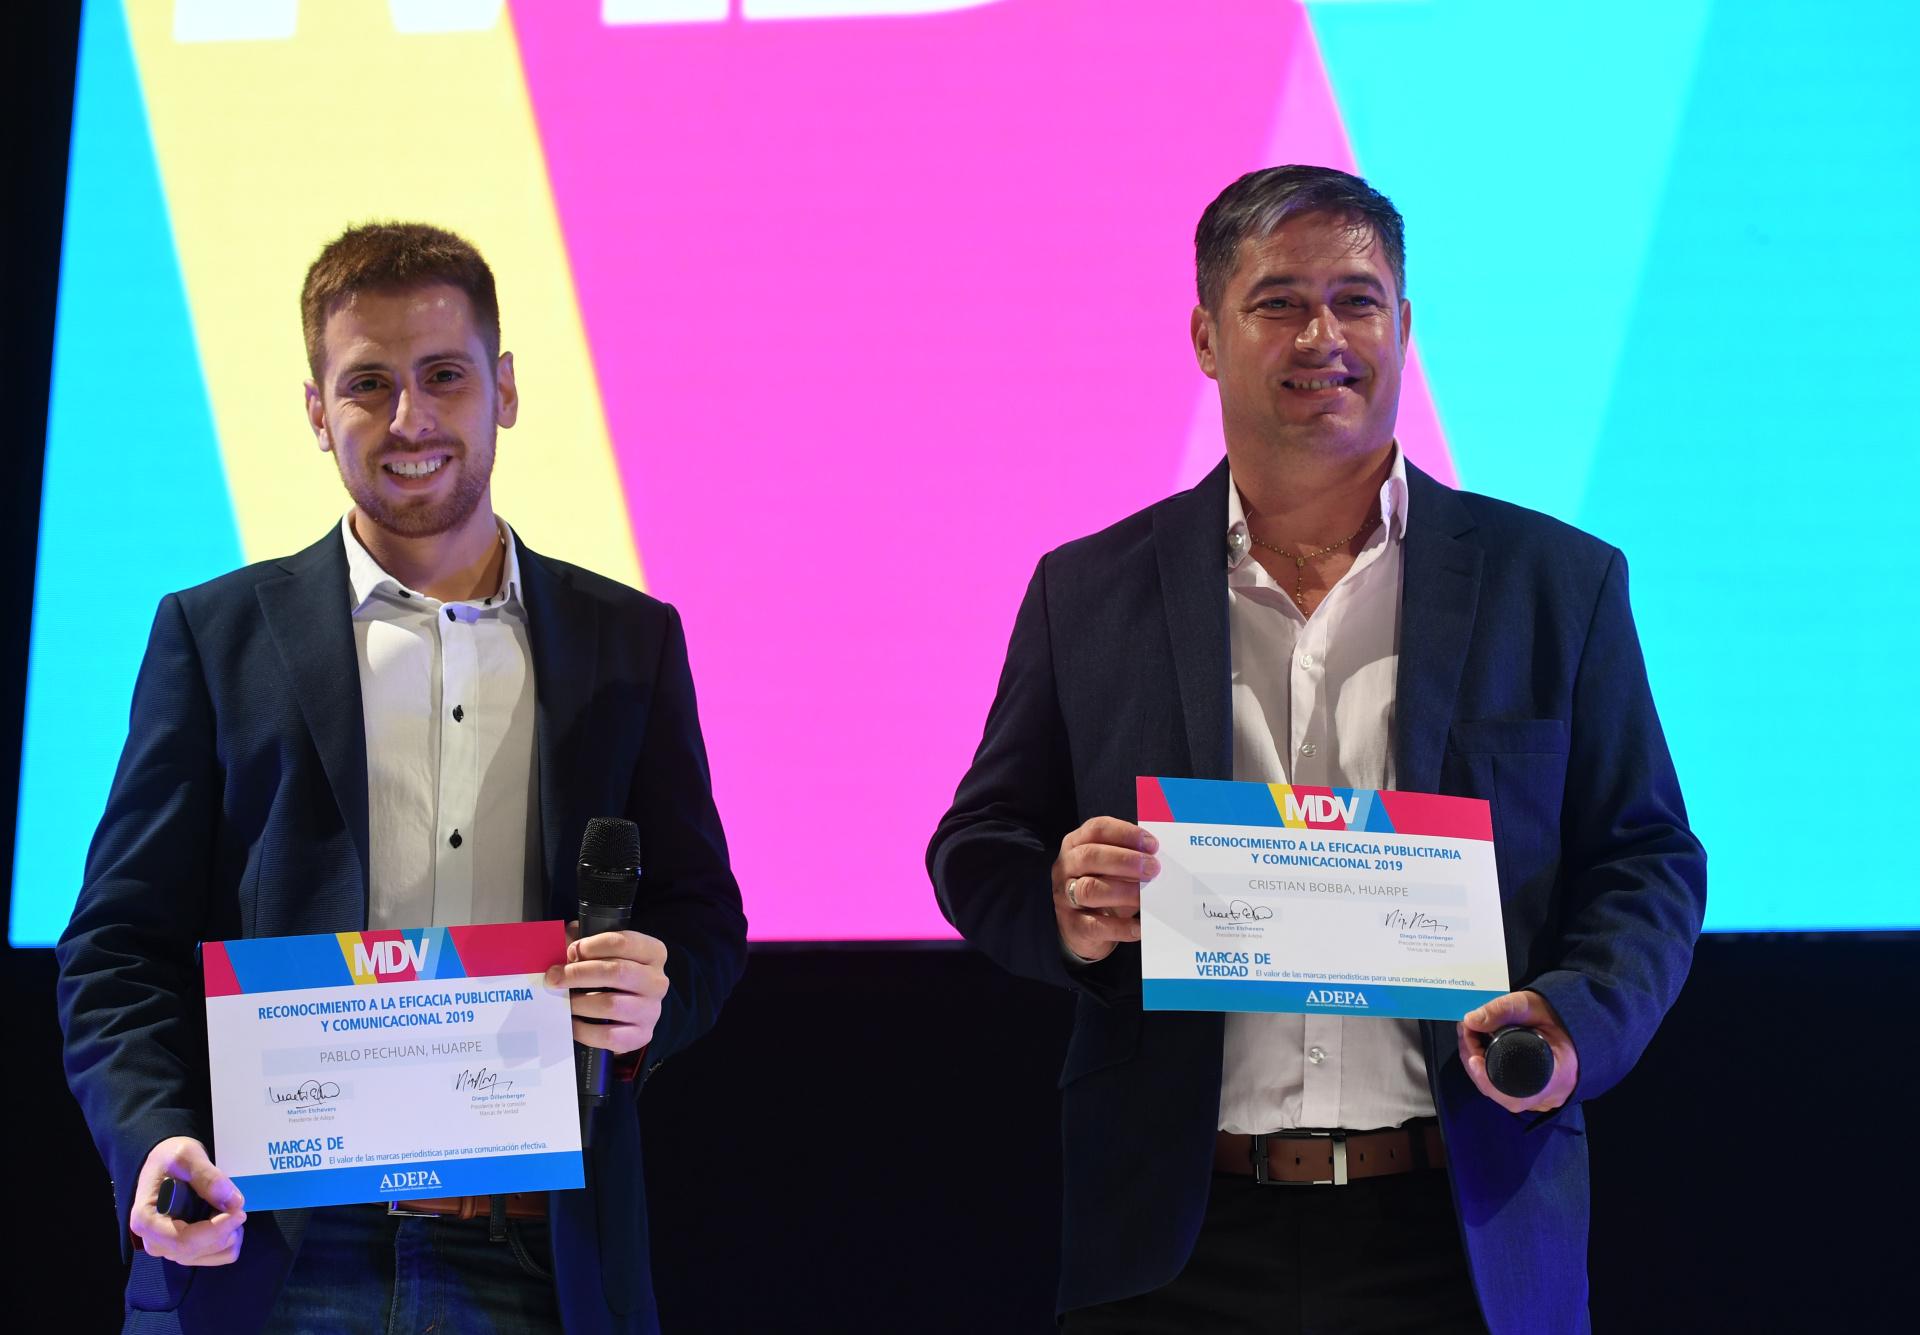 Pablo Pechuan, gerente de Proyectos de Diario Huarpe (San Juan), y Cristian Bobba, gerente Comercial de Diario Huarpe